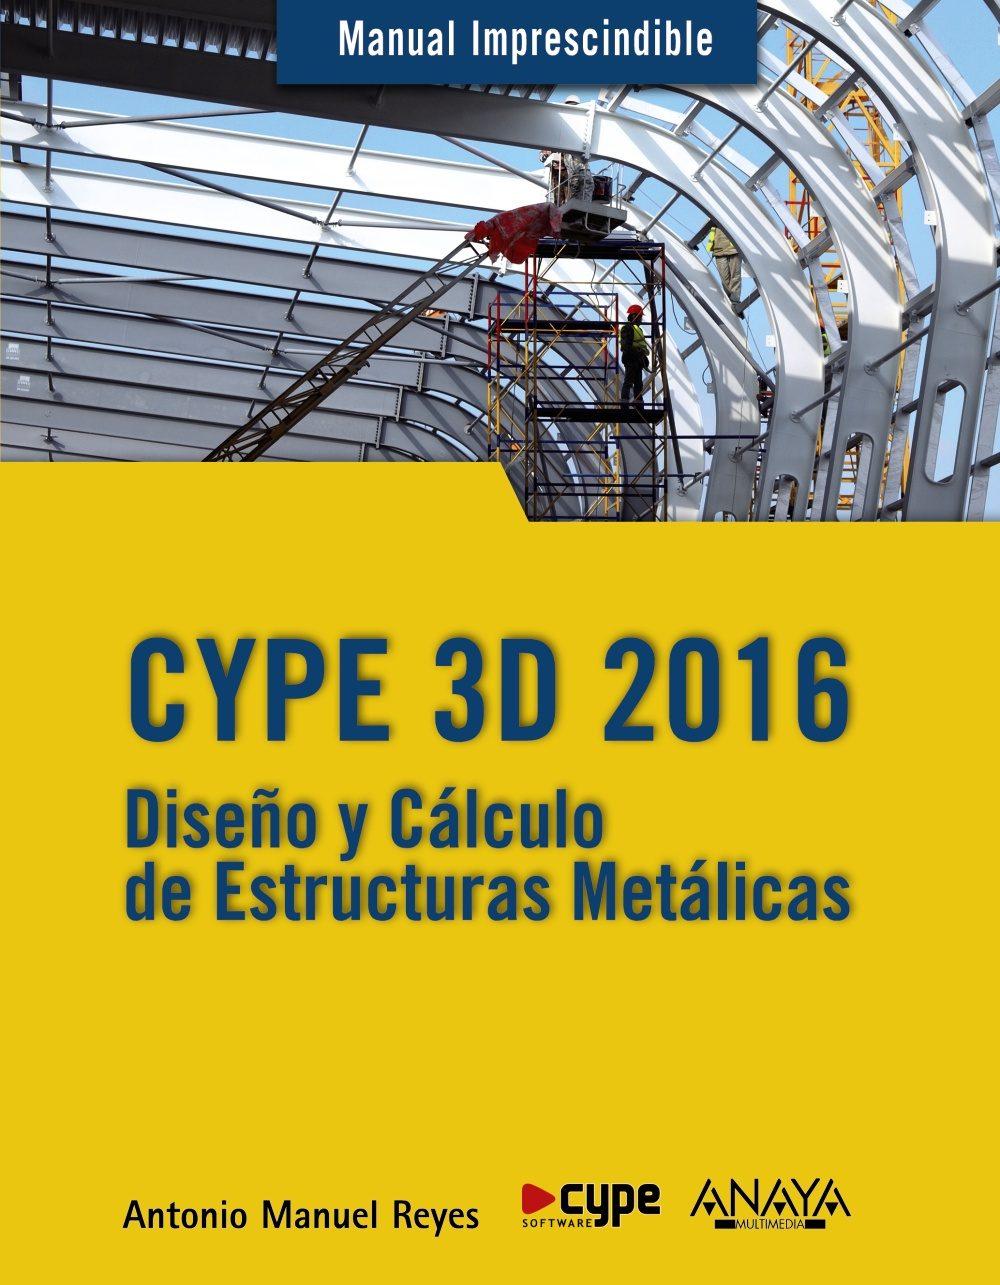 Cype 3d 2016 por Antonio Manuel Reyes Rodriguez